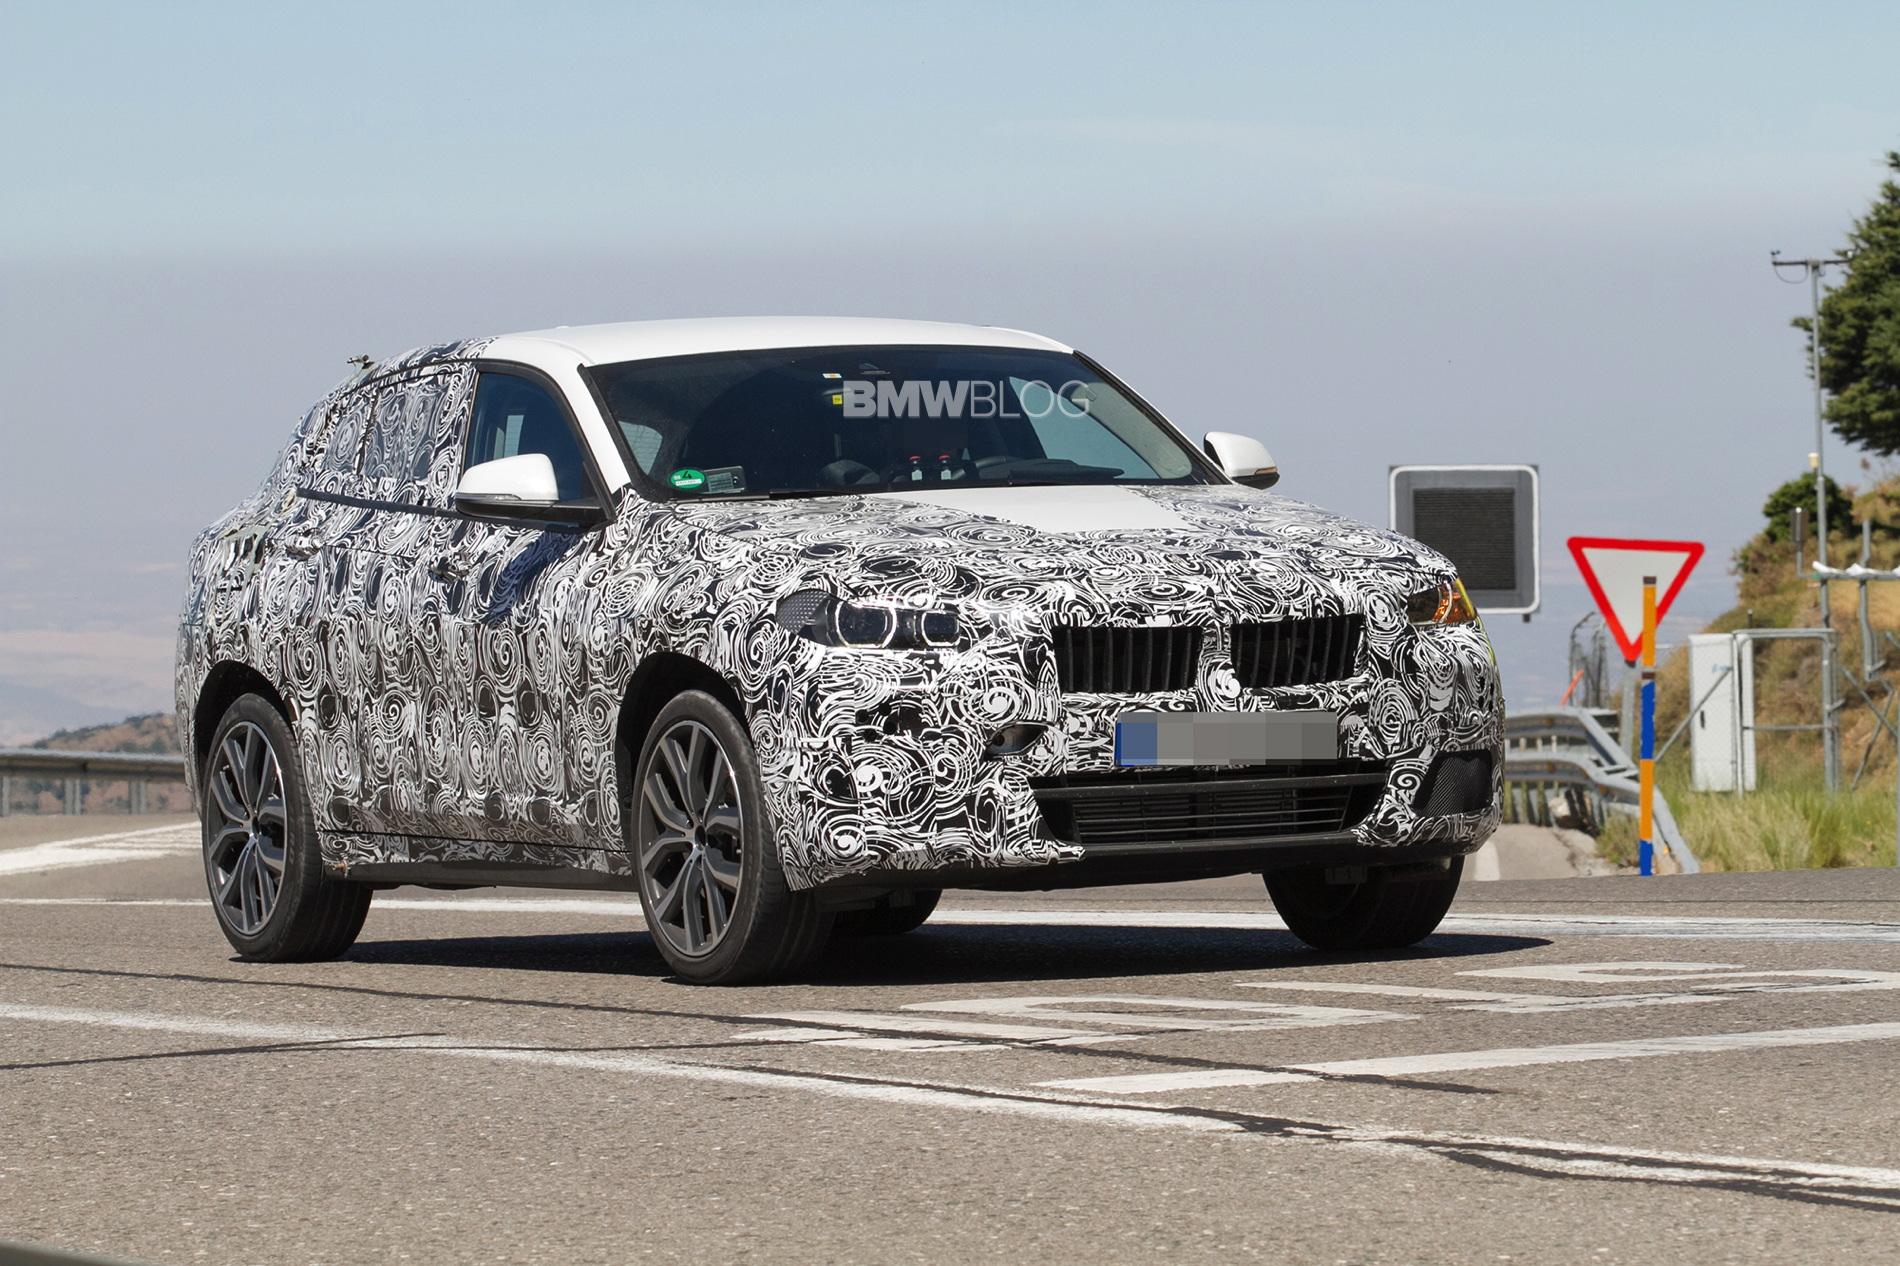 2017 BMW X2 spy photo 2